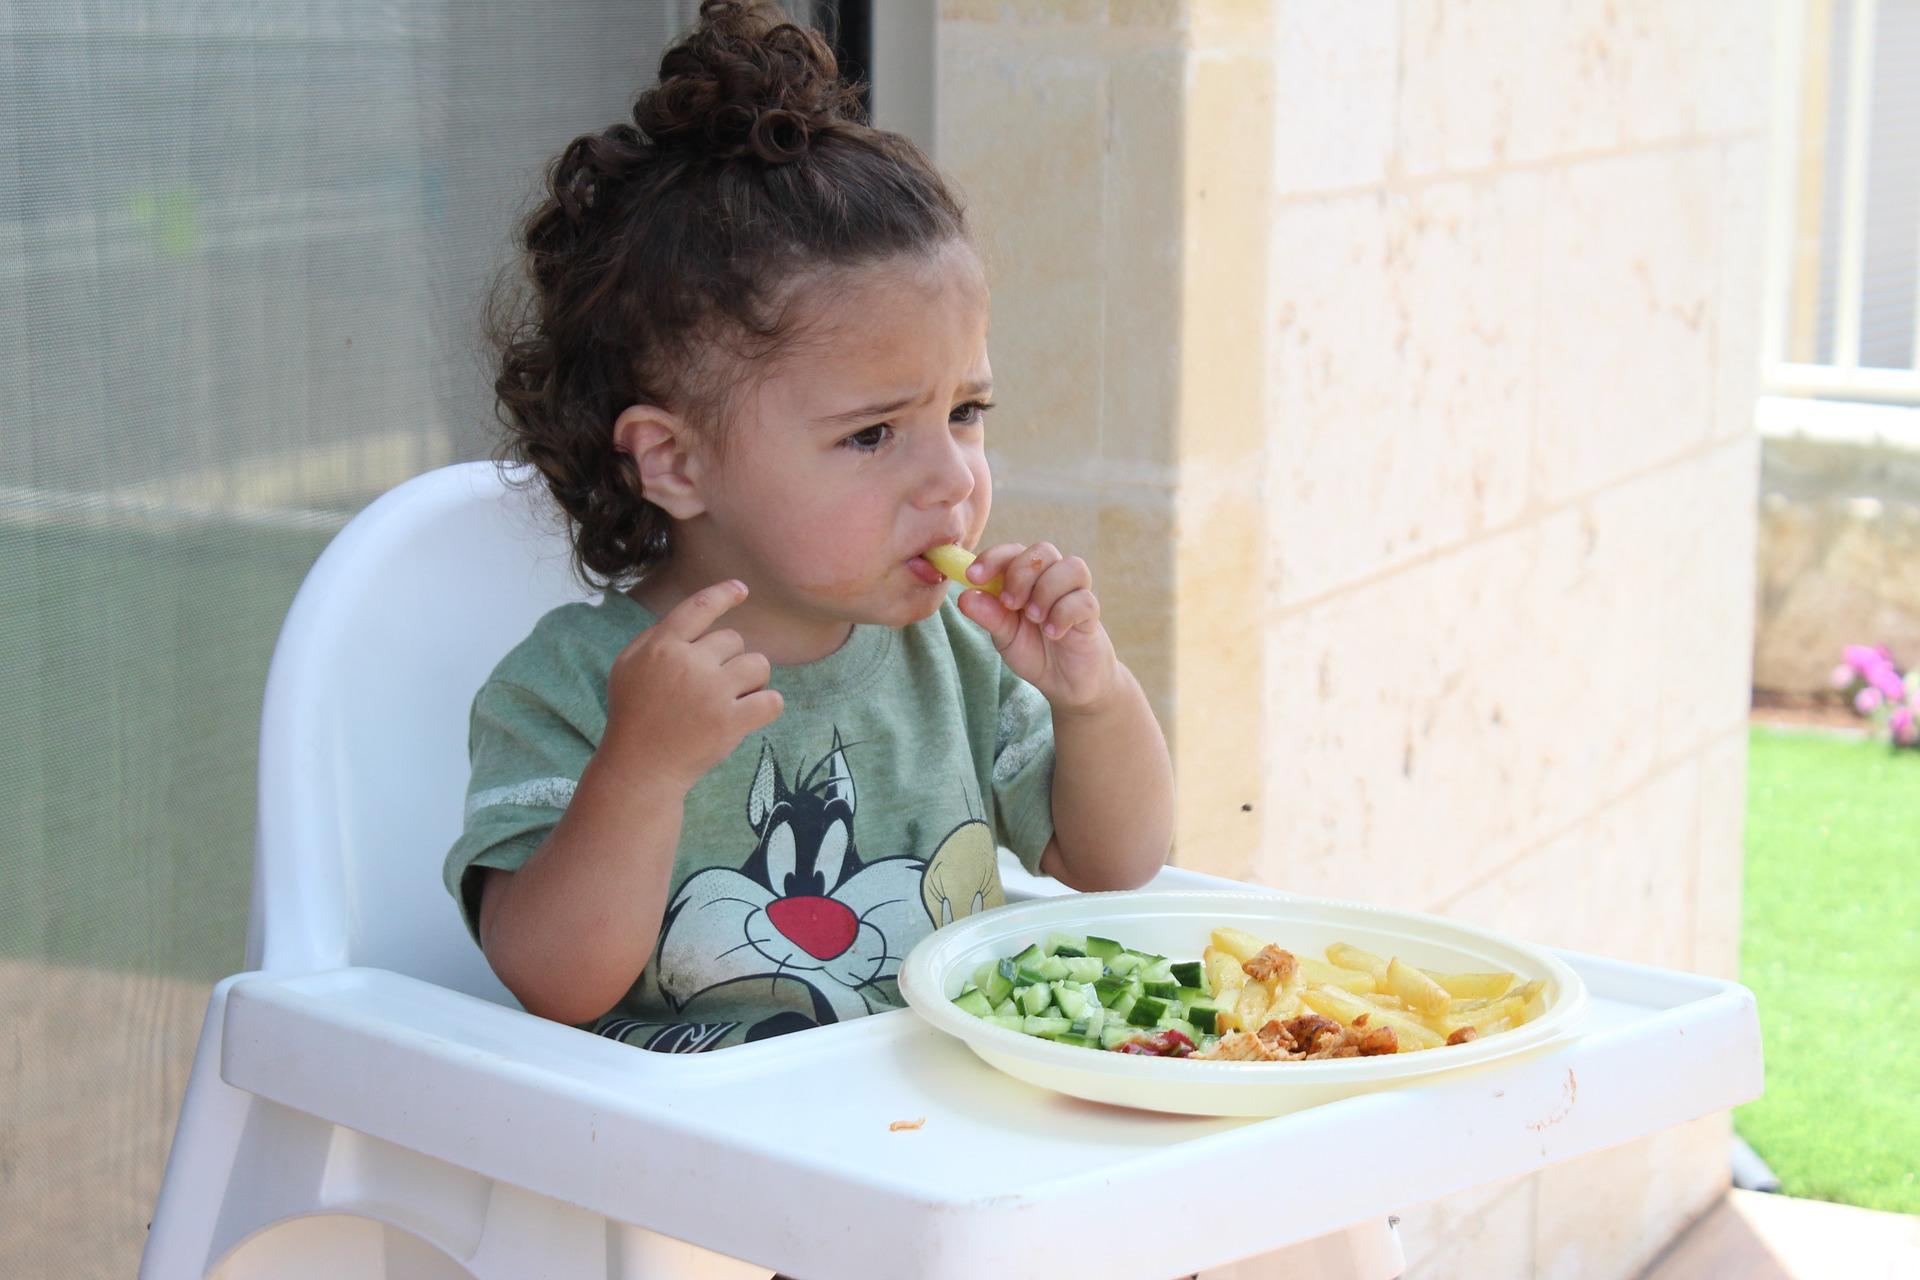 la comida no tiene que ser un castigo ni en la infancia ni en la edad adulta